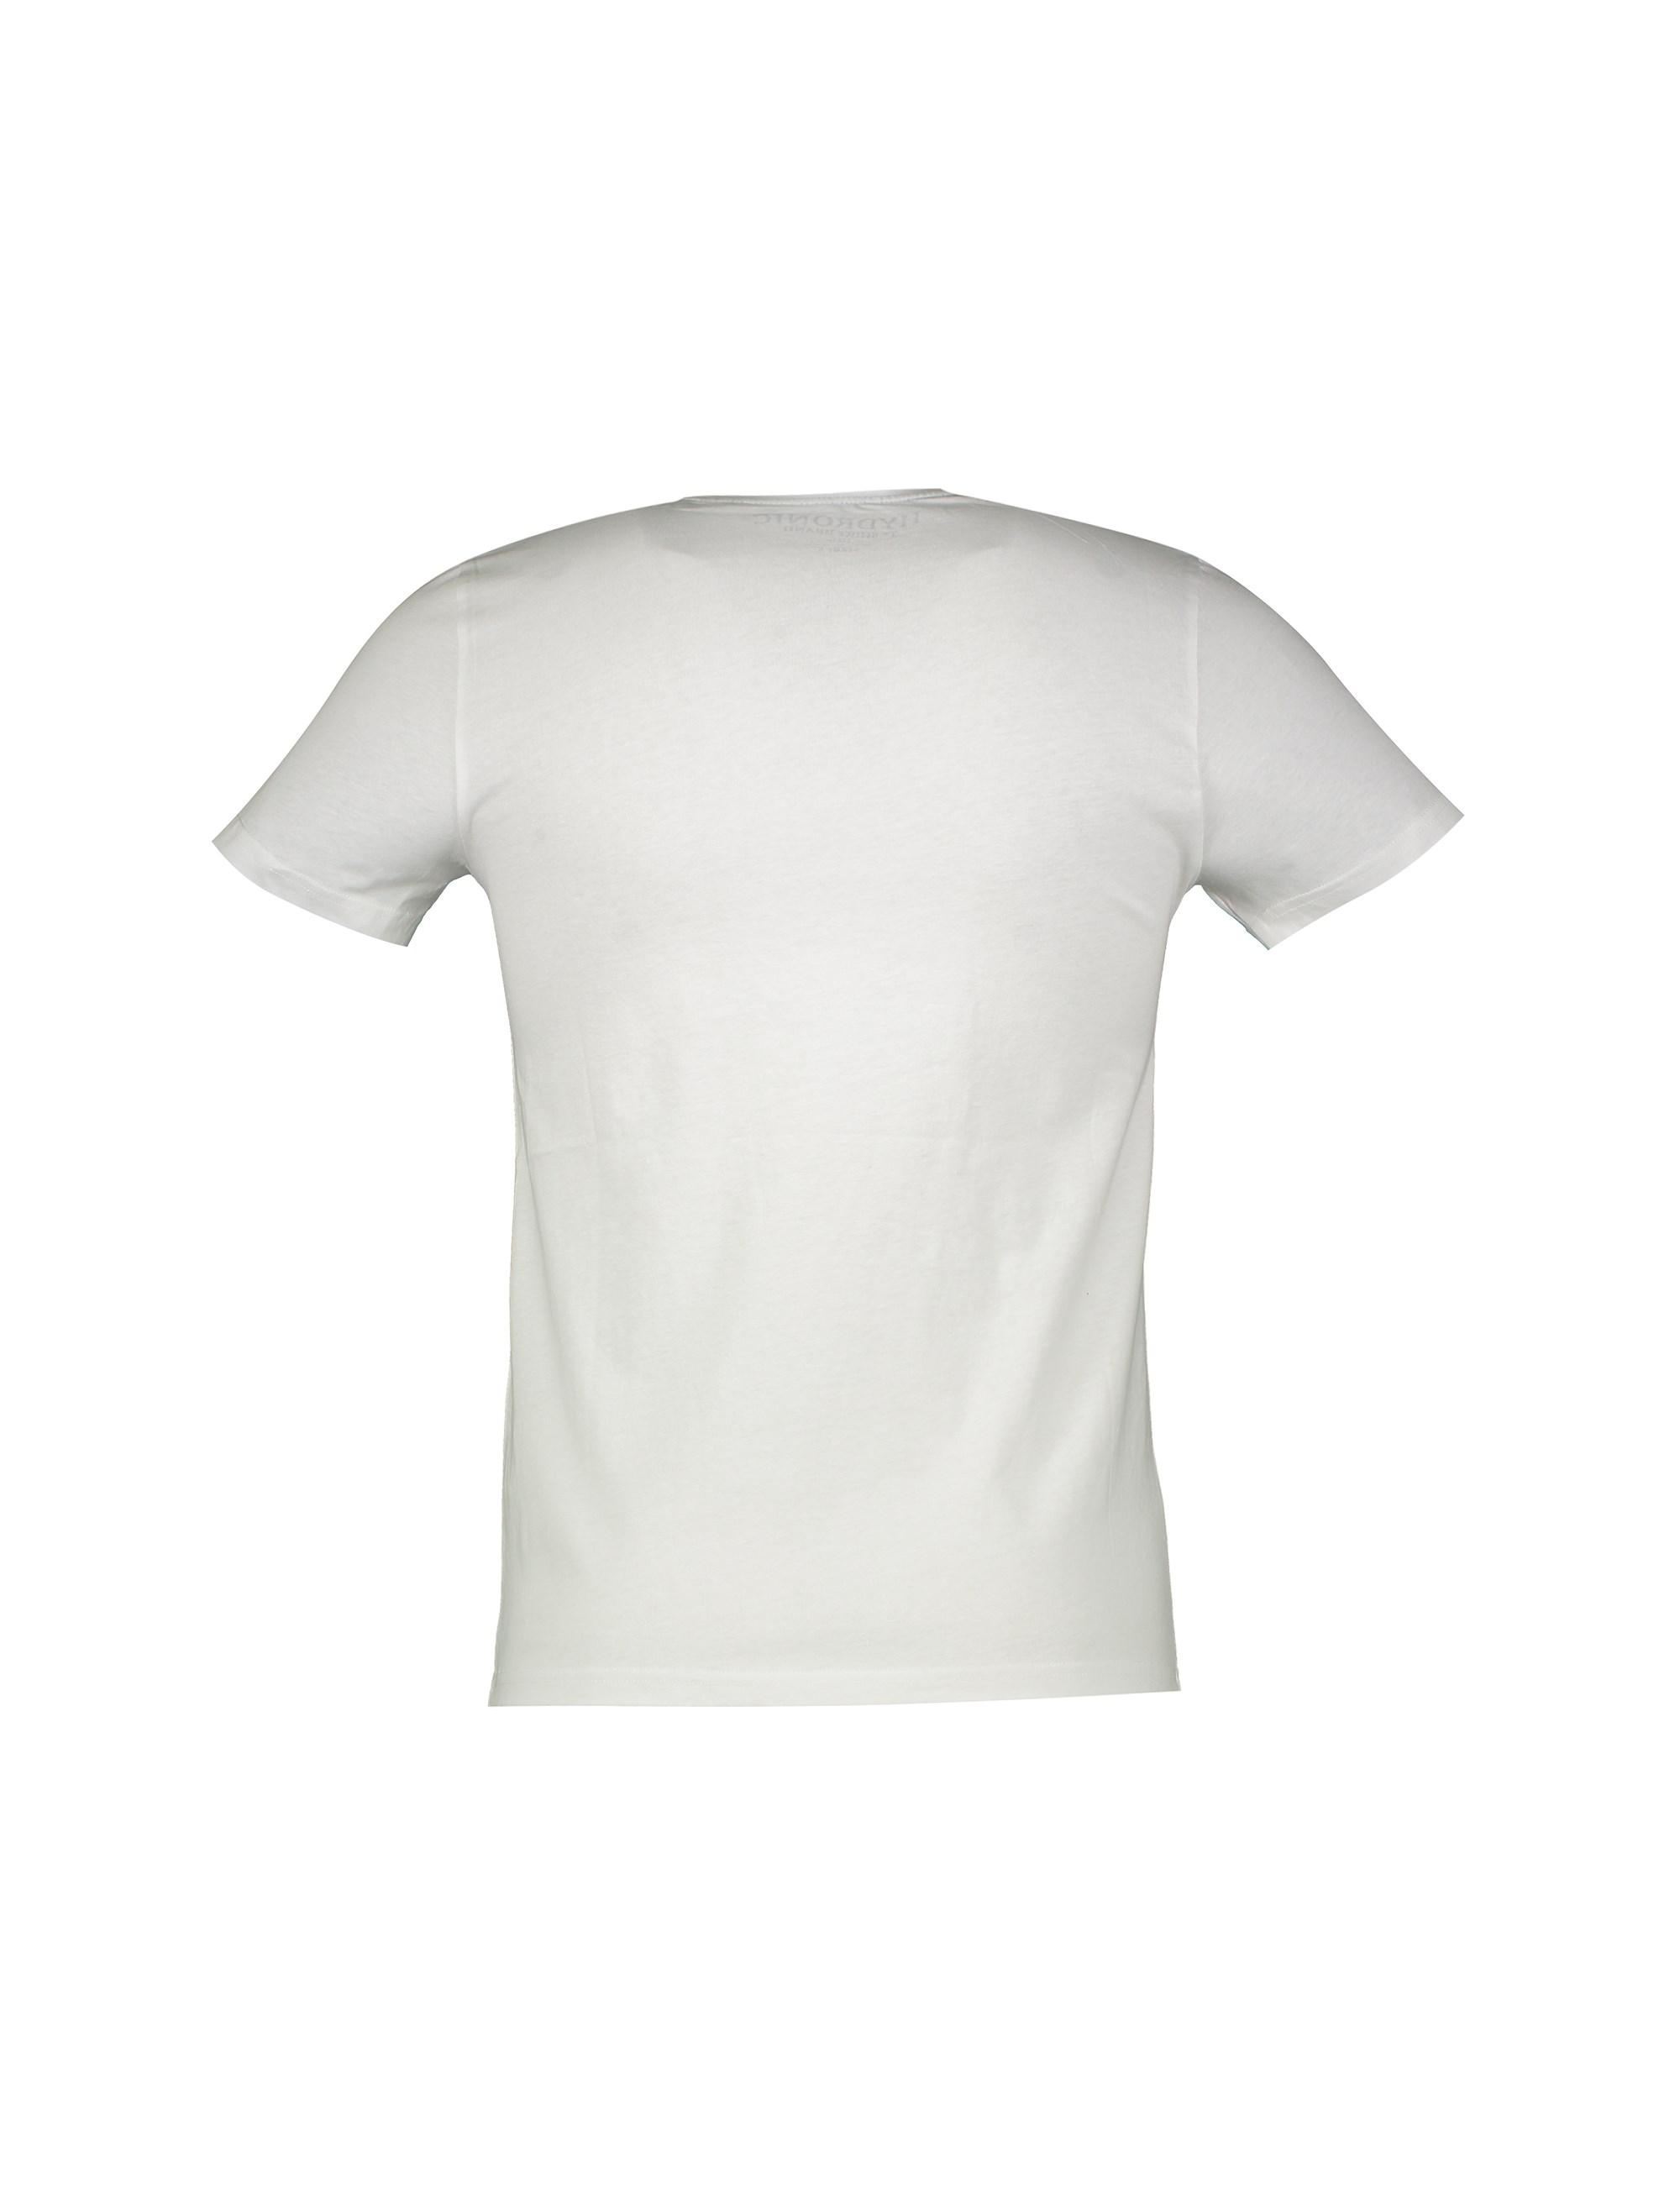 تی شرت نخی یقه گرد مردانه - یوپیم - سفيد - 2